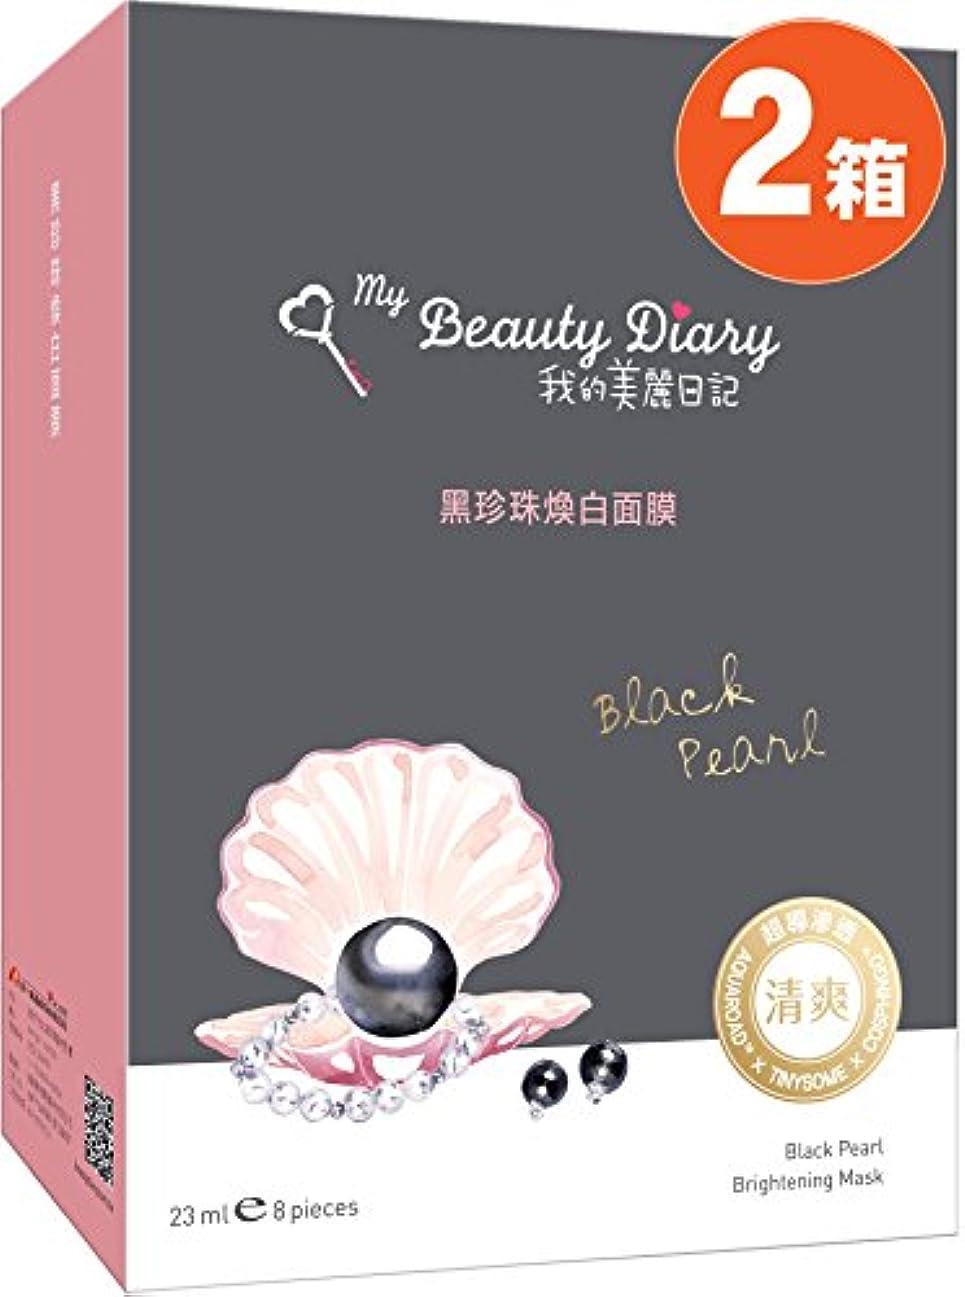 我的美麗日記 私のきれい日記 黒真珠マスク 8枚入り x 2個 [並行輸入品]